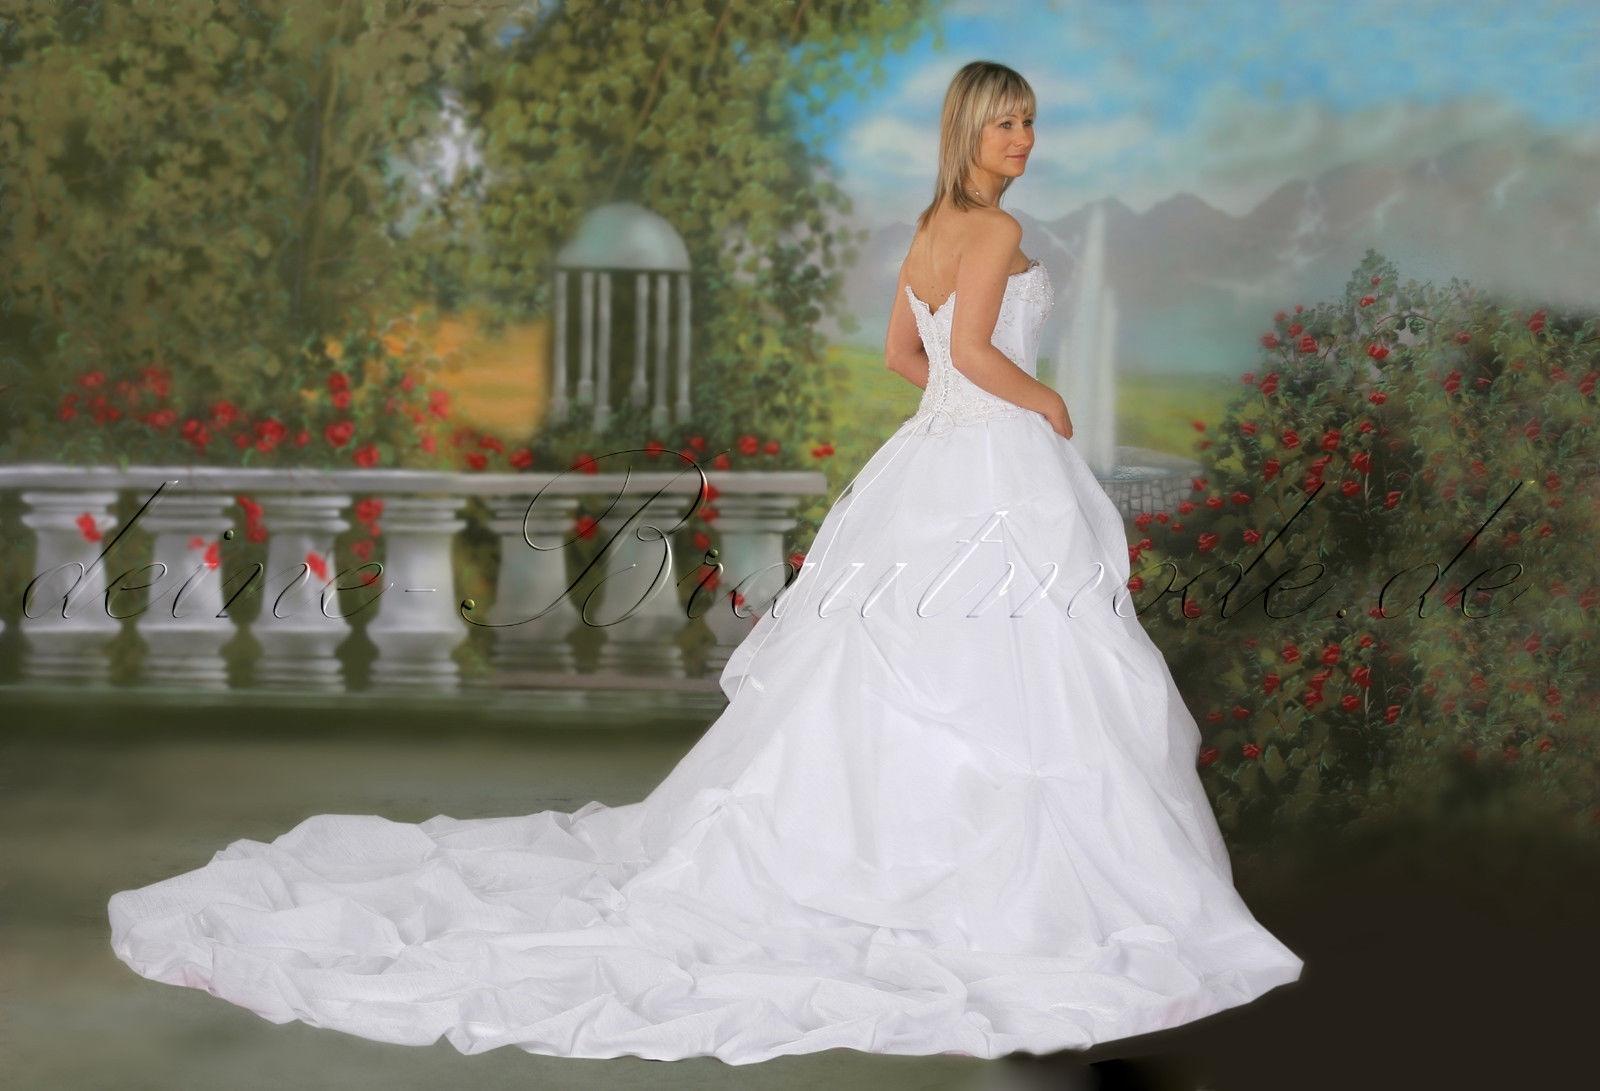 Formal Luxurius Brautkleid Mit Schleppe VertriebAbend Luxus Brautkleid Mit Schleppe Ärmel